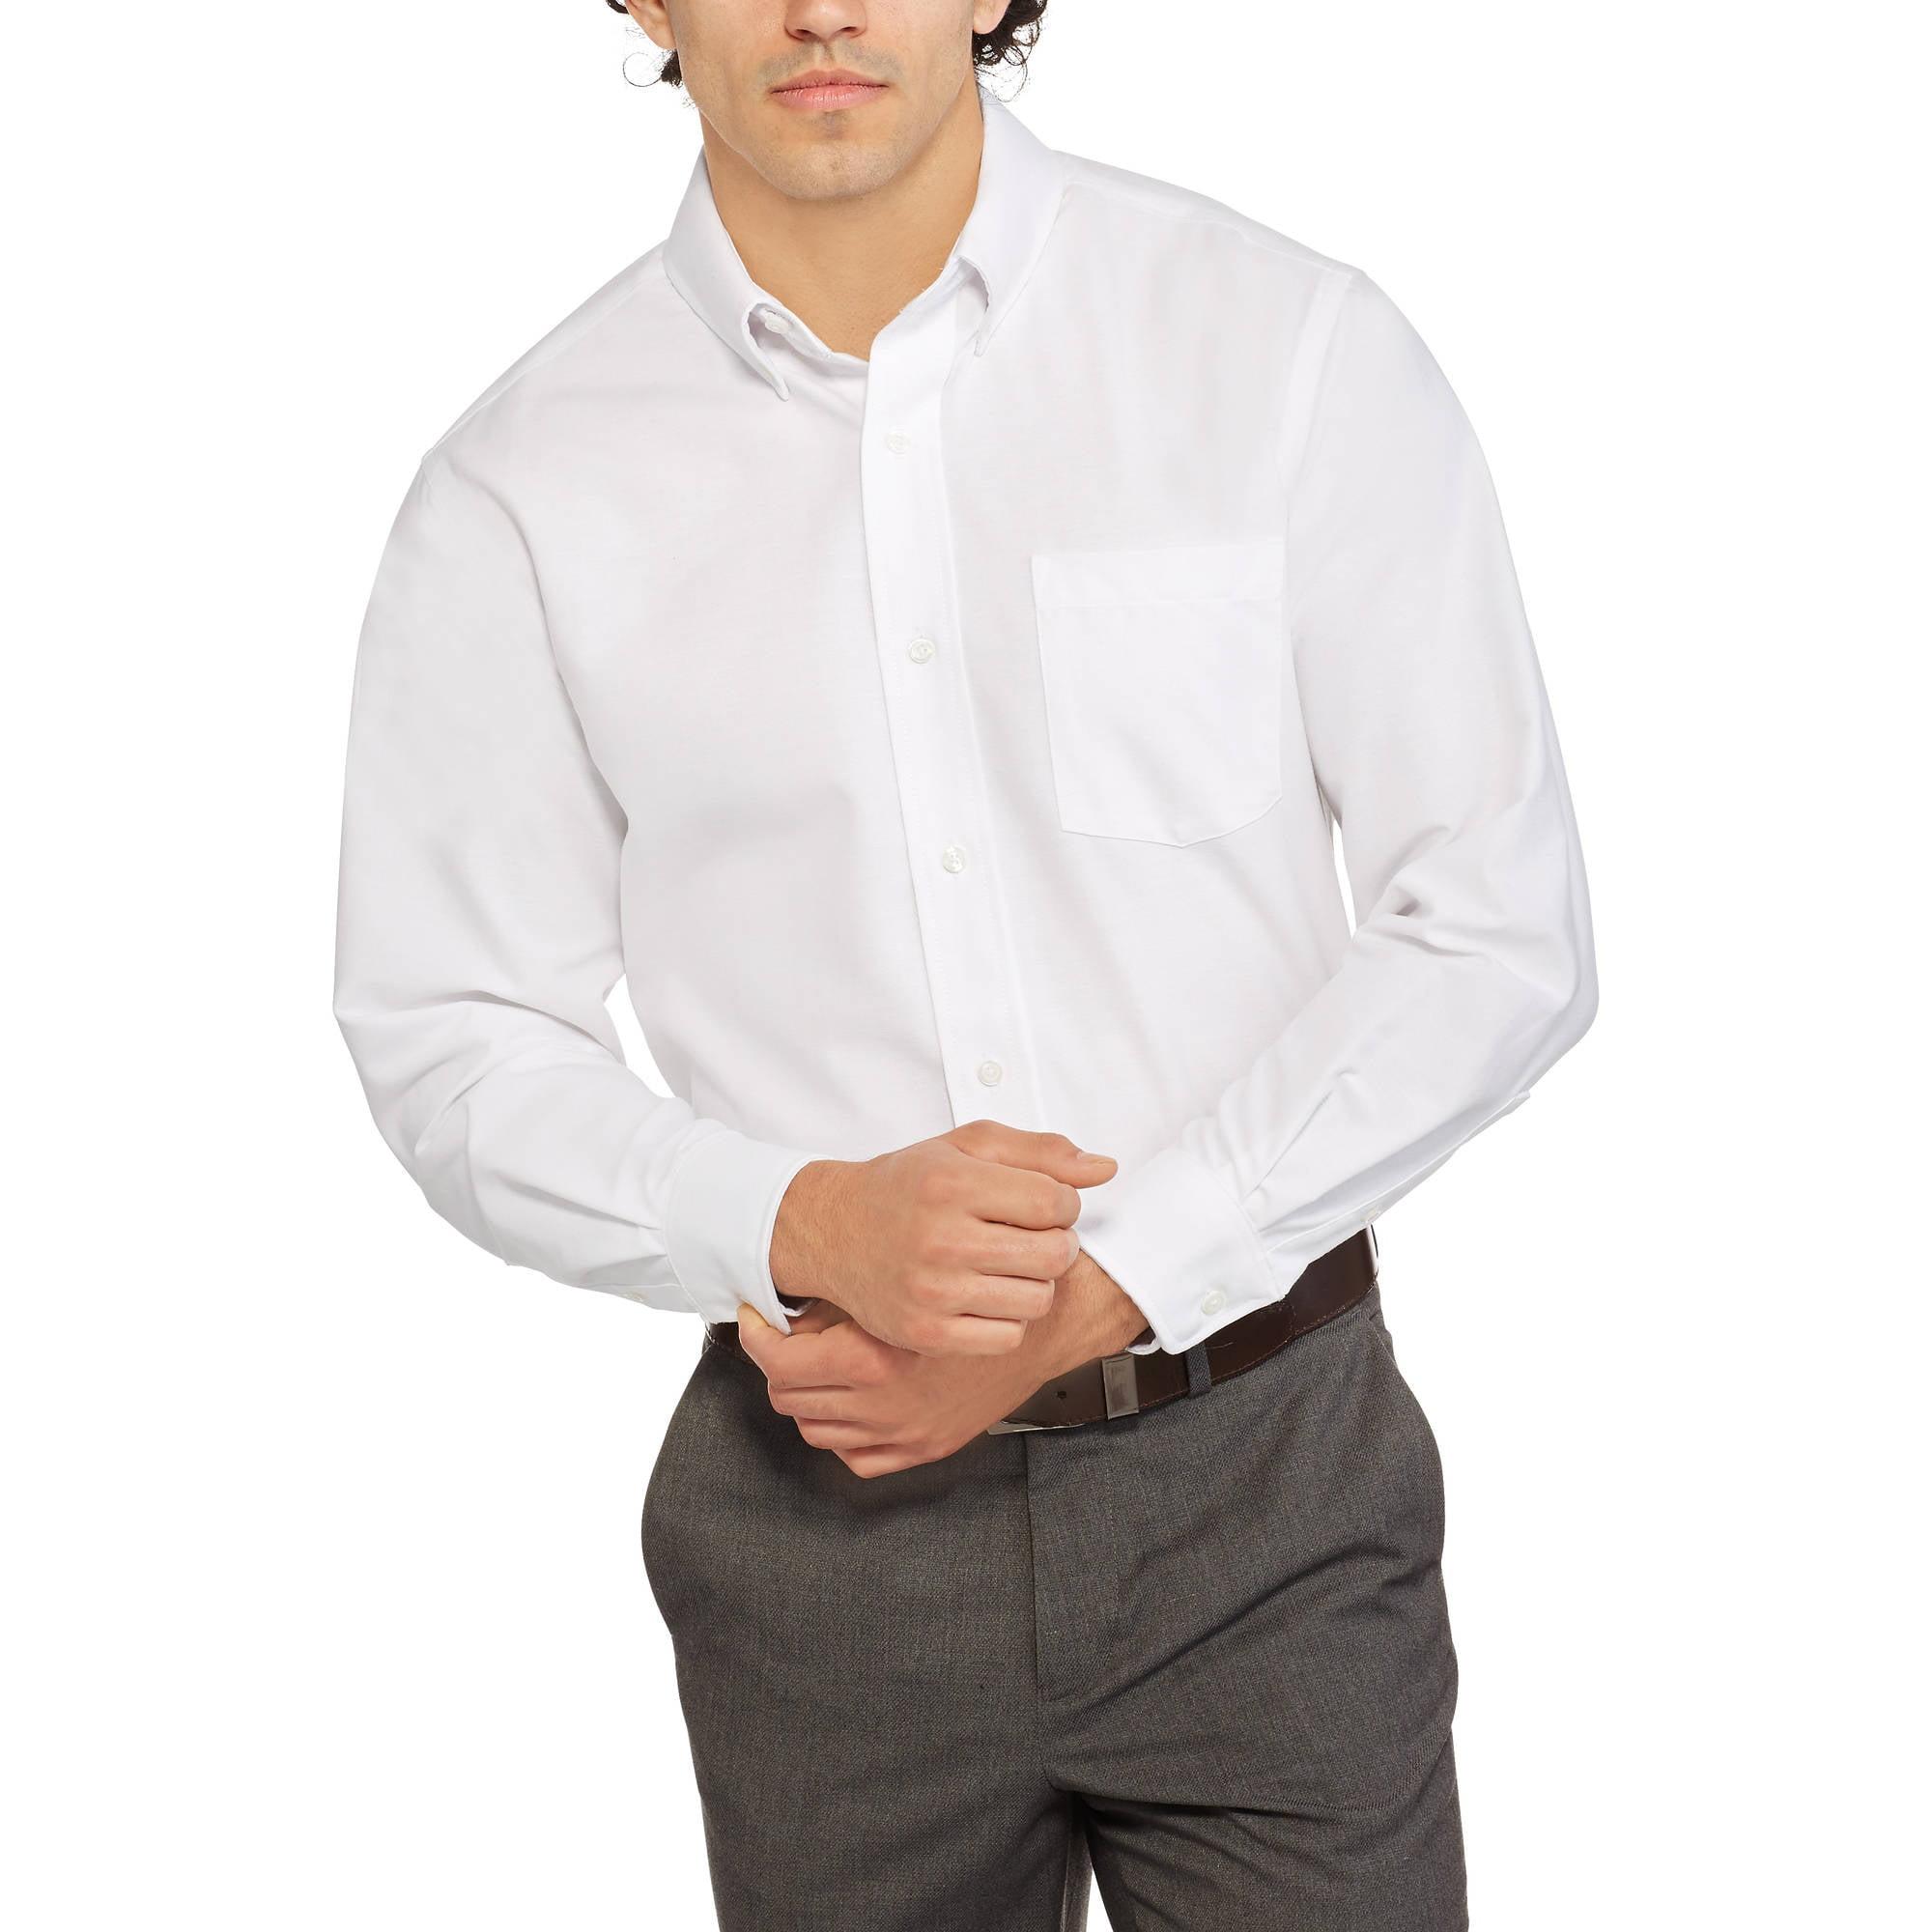 Mens Long Sleeve Oxford Dress Shirt Walmart